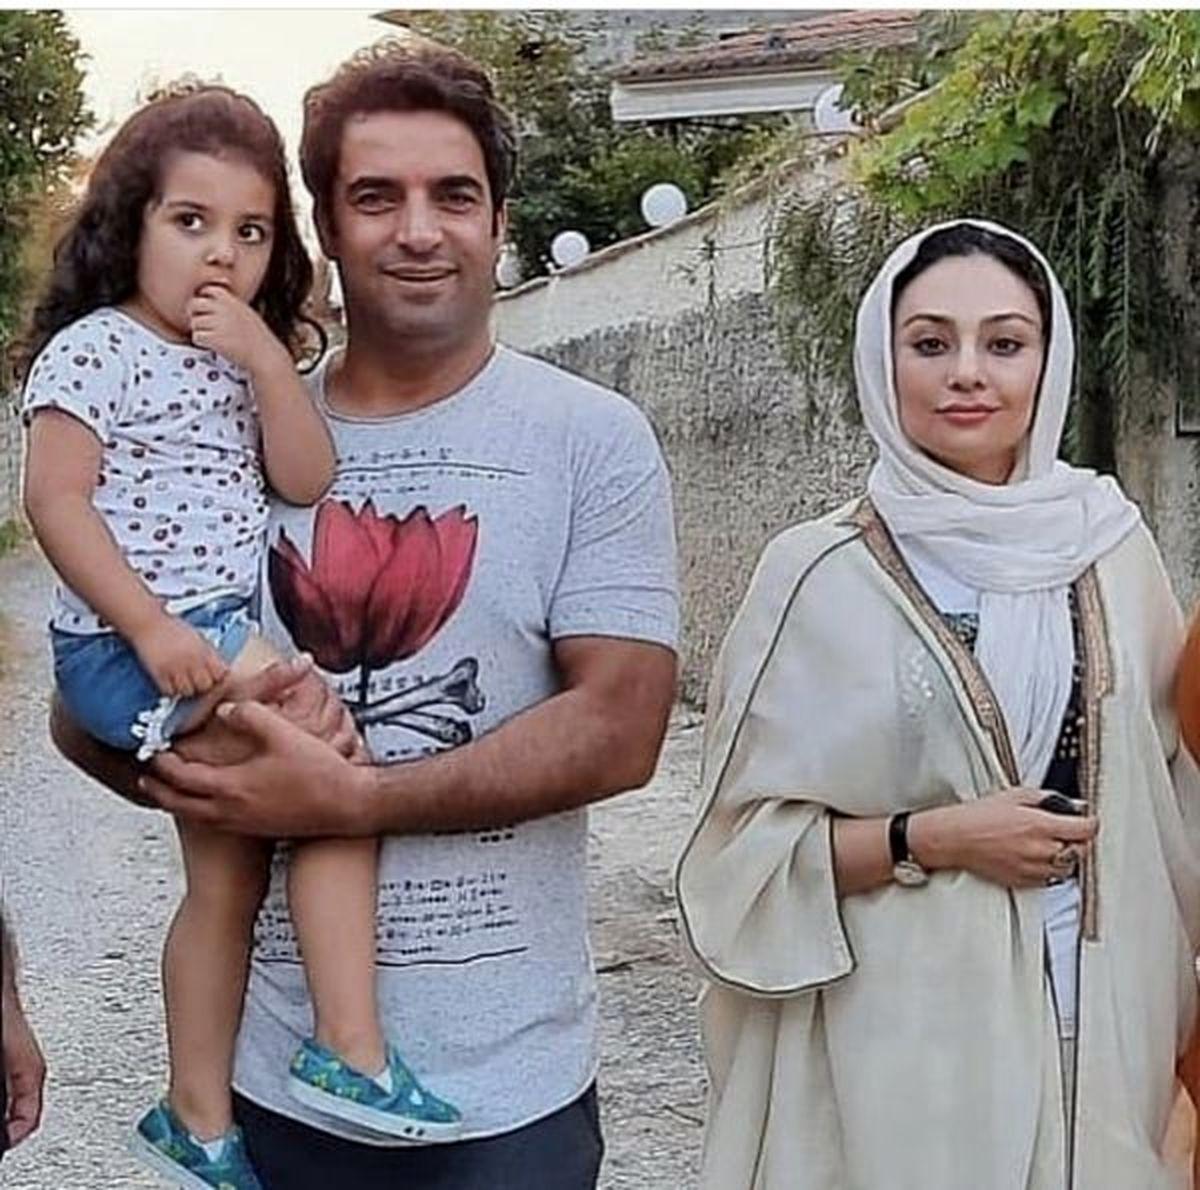 چهره بدون آرایش یکتا ناصر با صورت عملی ! + عکس عجیب